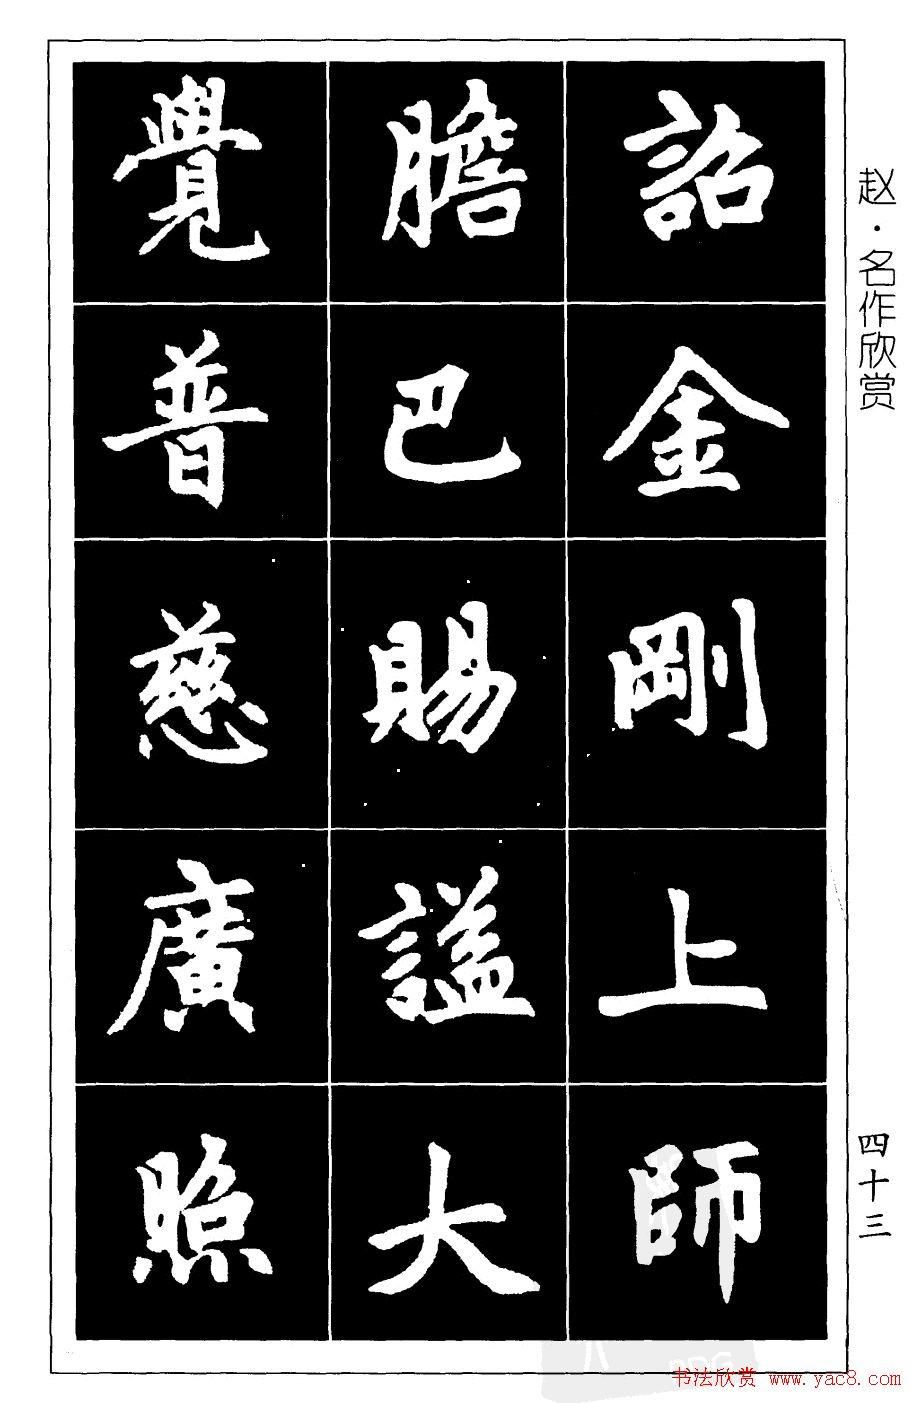 赵孟頫楷书习字帖放大图片44P 第43页 楷书字帖 书法欣赏